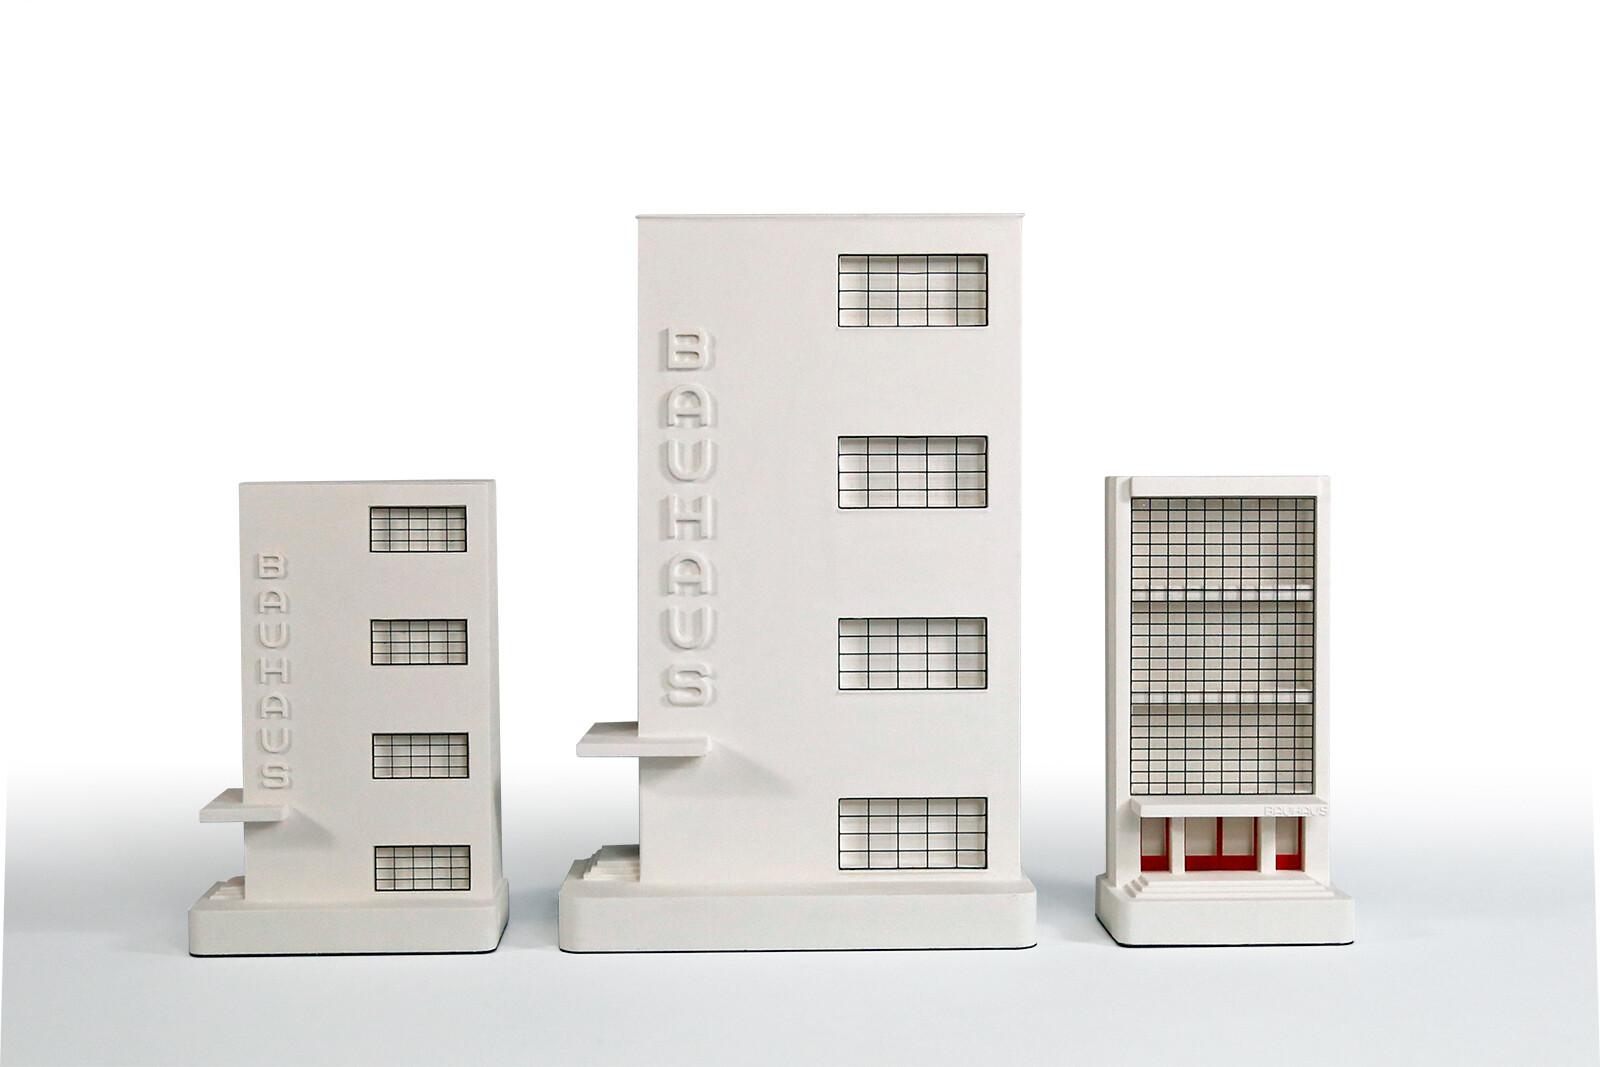 Bauhaus Dessau Stairblock - Chisel & Mouse